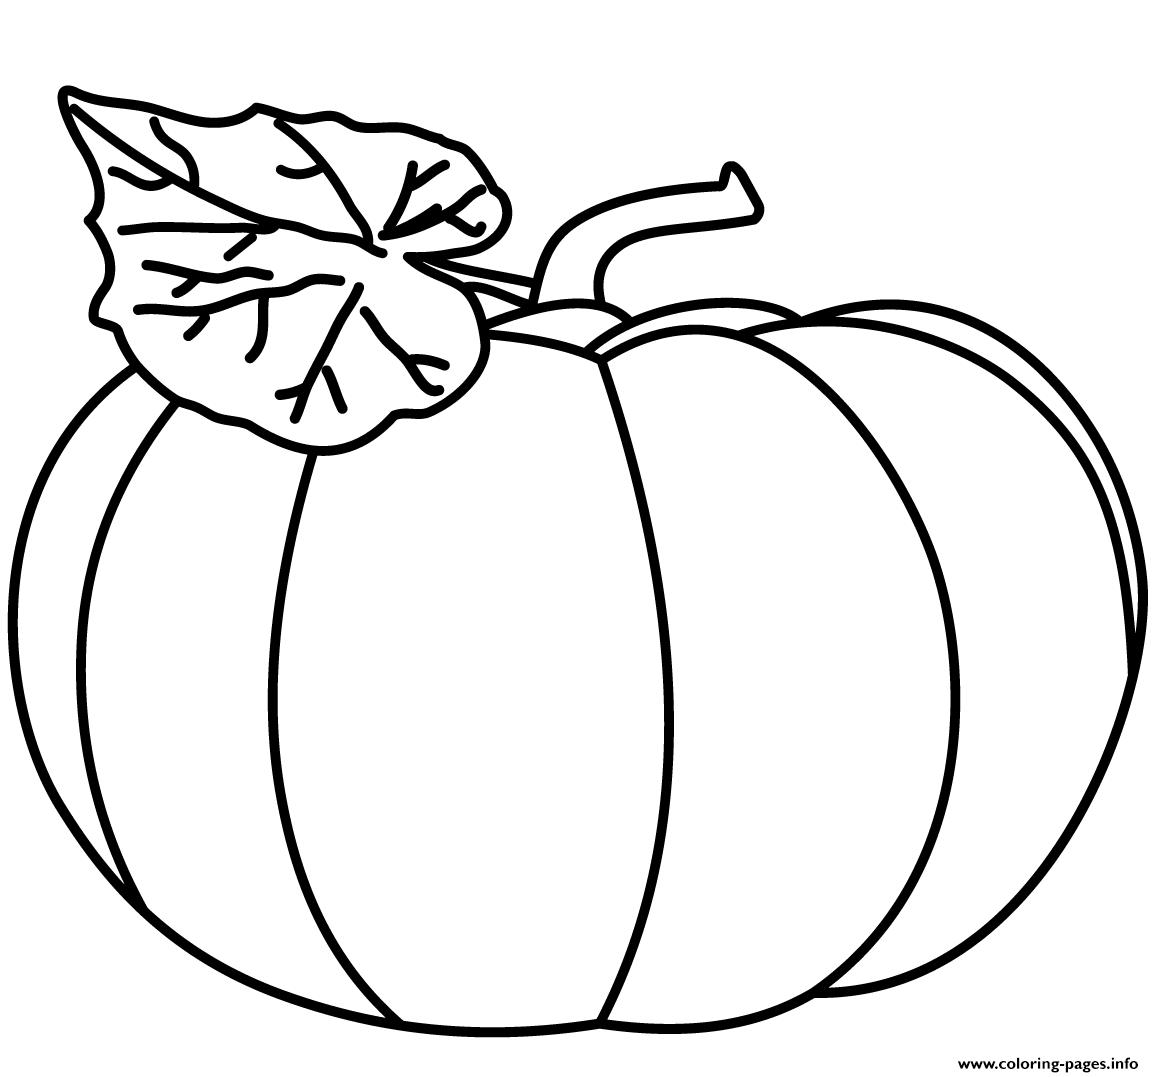 Printable October Worksheet